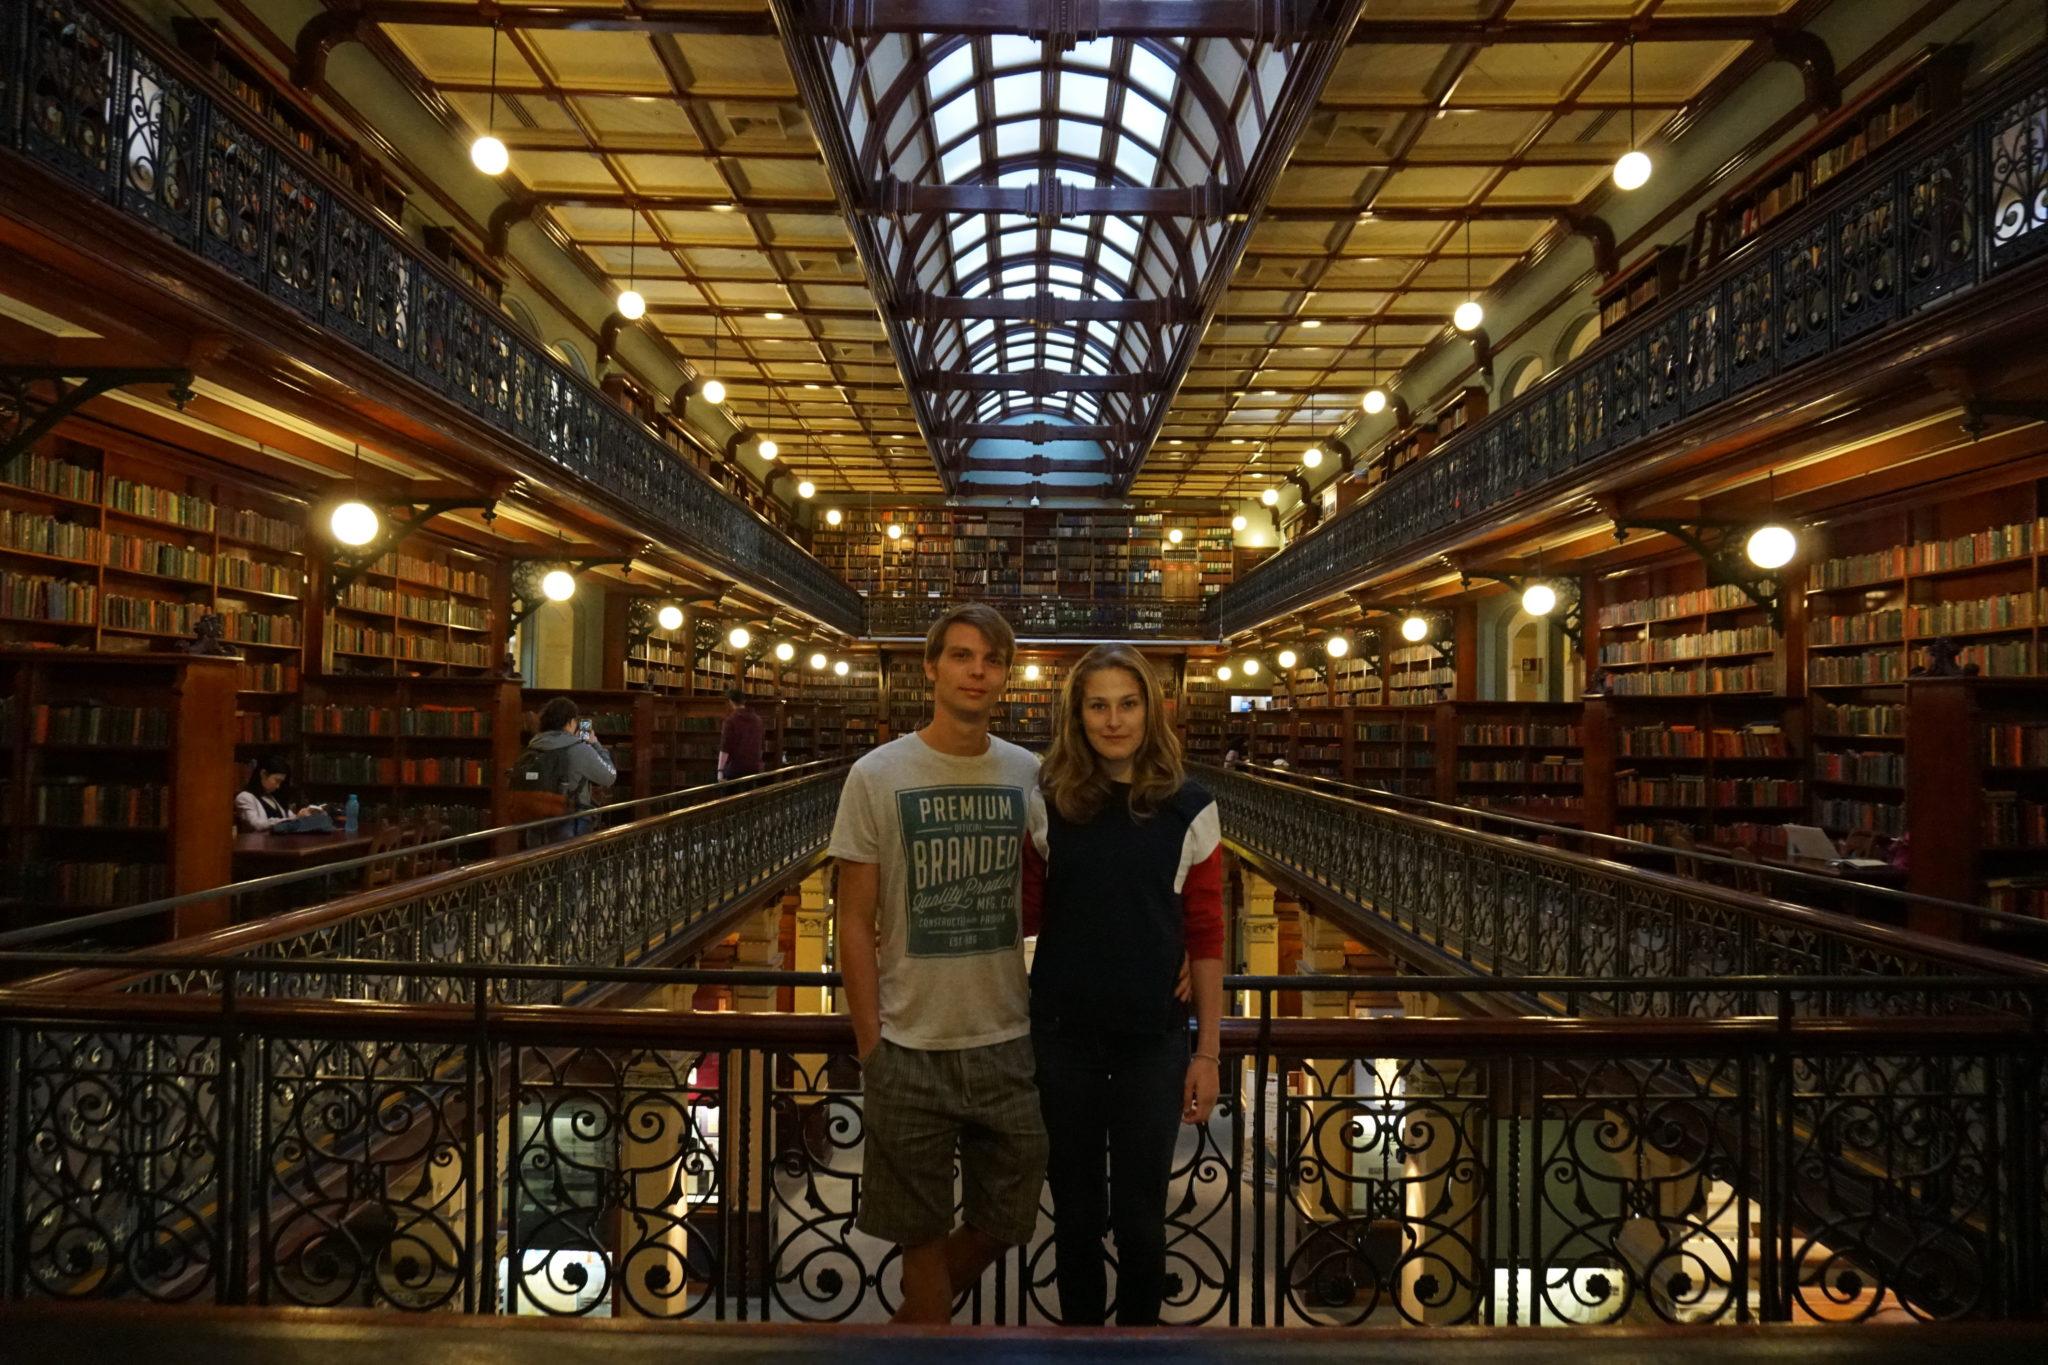 Marcel und Mona in der Suchergebnisse Webergebnisse State Library of South Australia